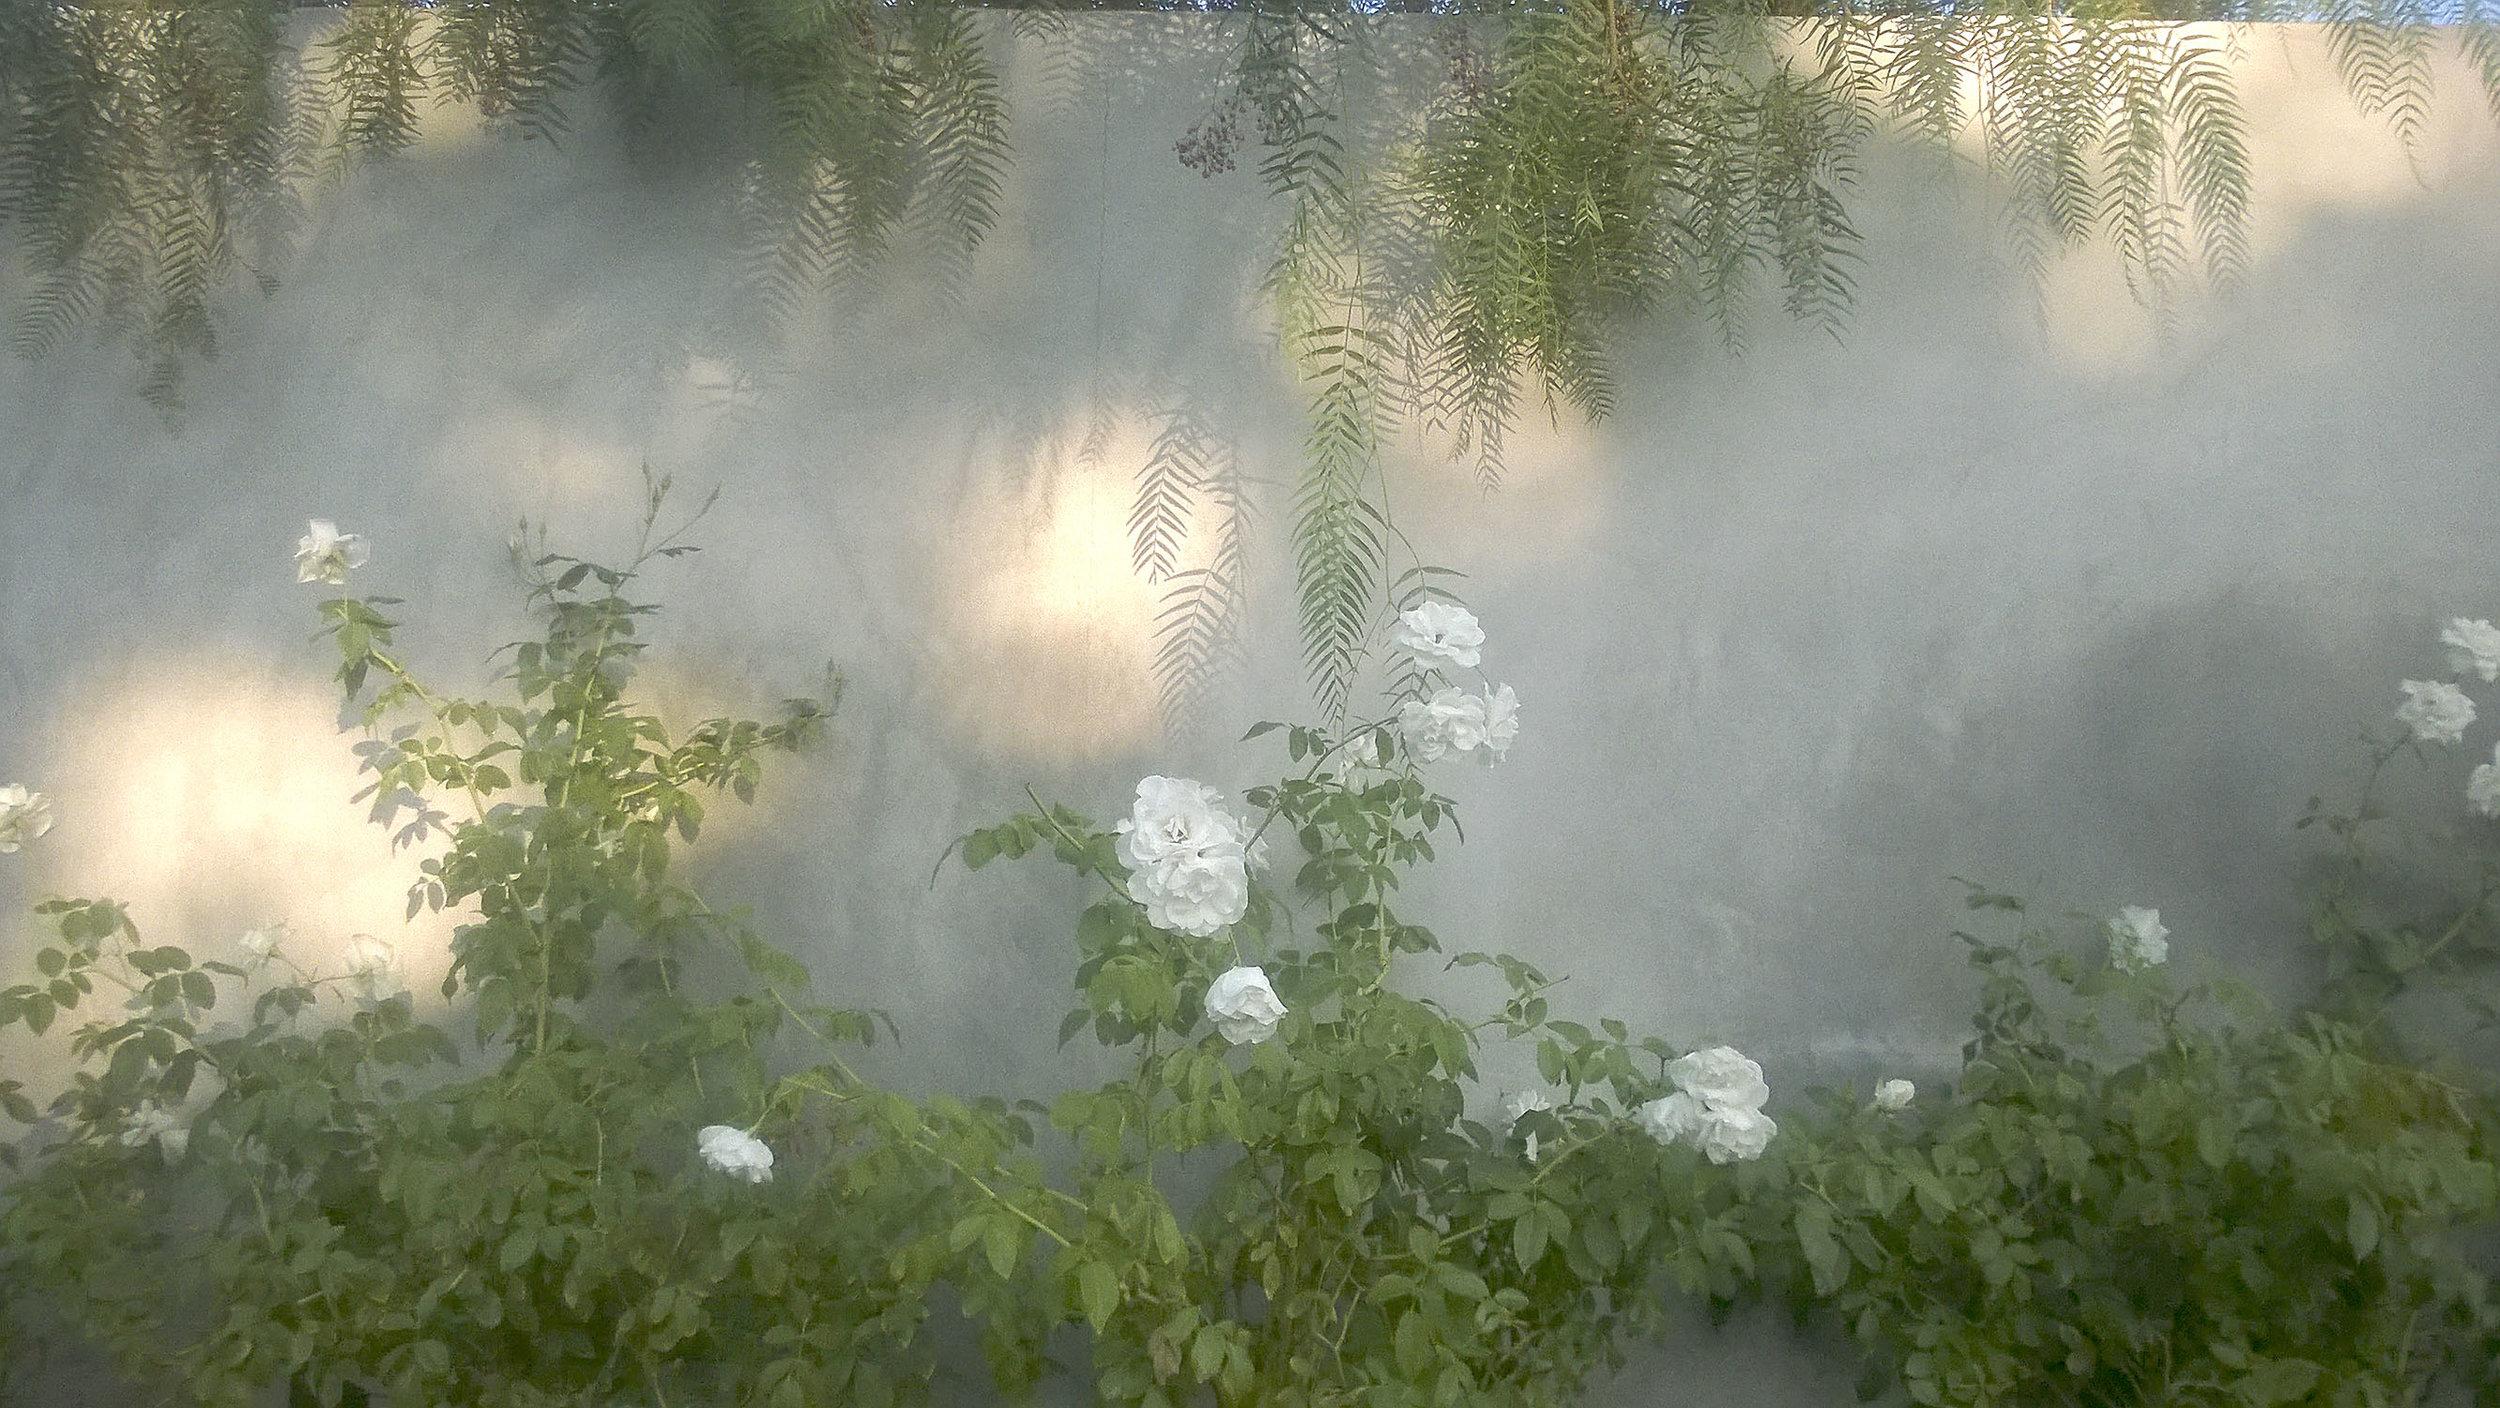 Hazy Rose Wall